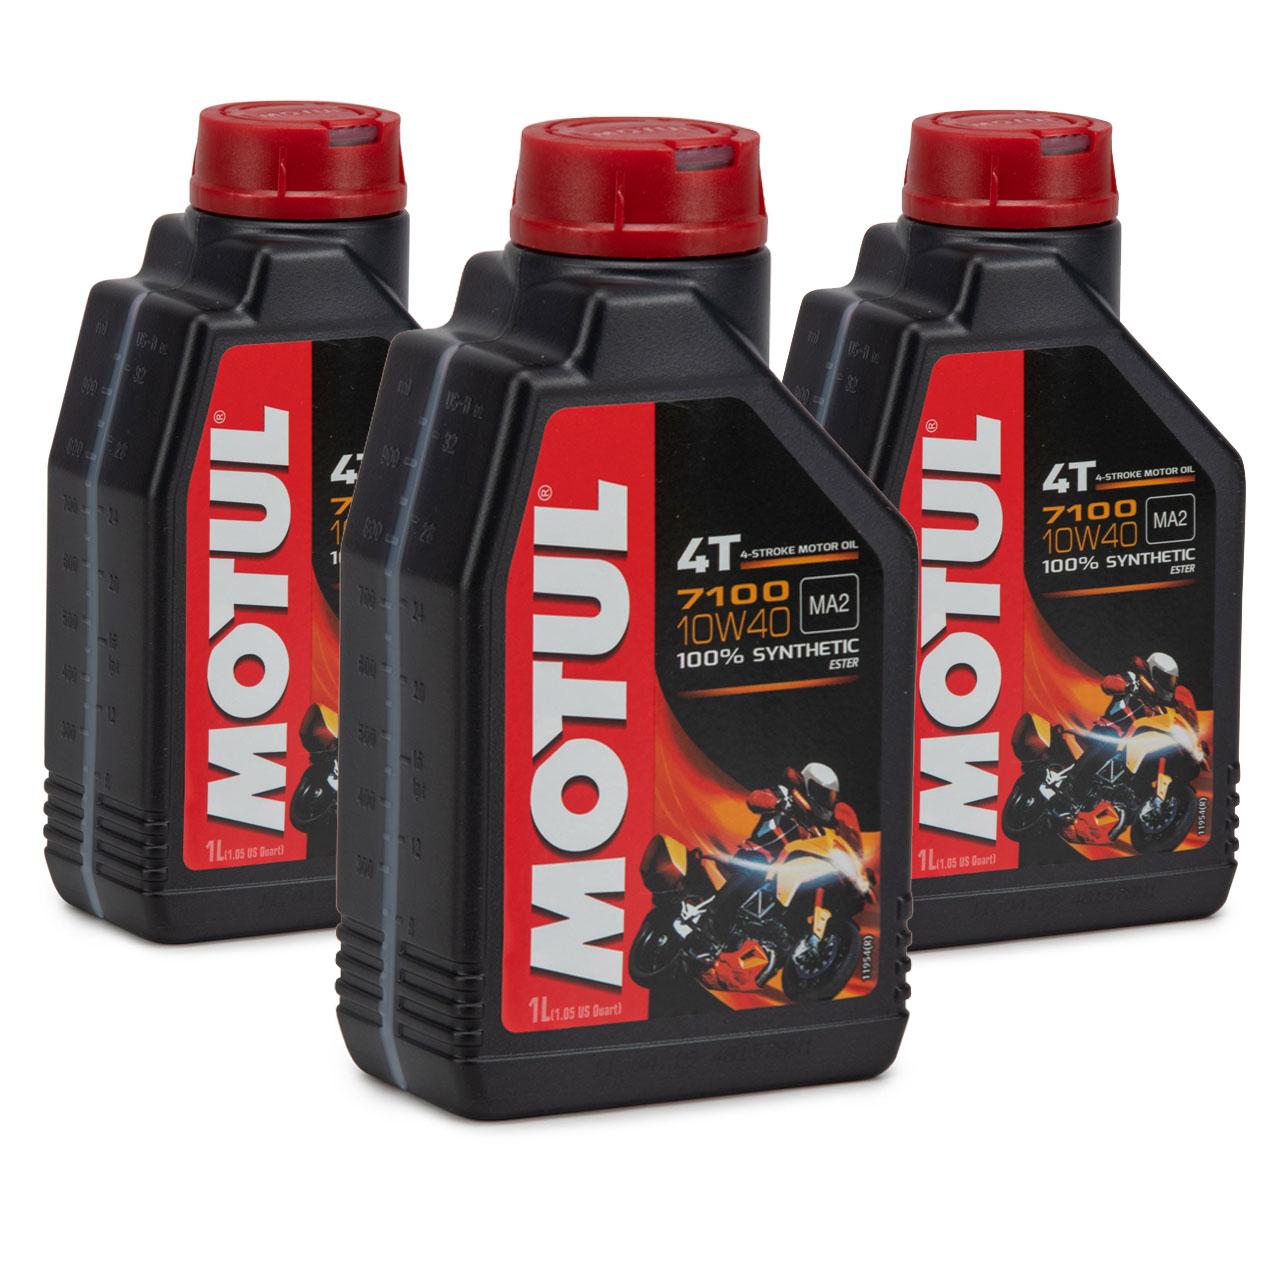 MOTUL 7100 4T 4-TAKT Motoröl ÖL 10W40 Motorrad API SL SM SN MA2 - 3L 3 Liter